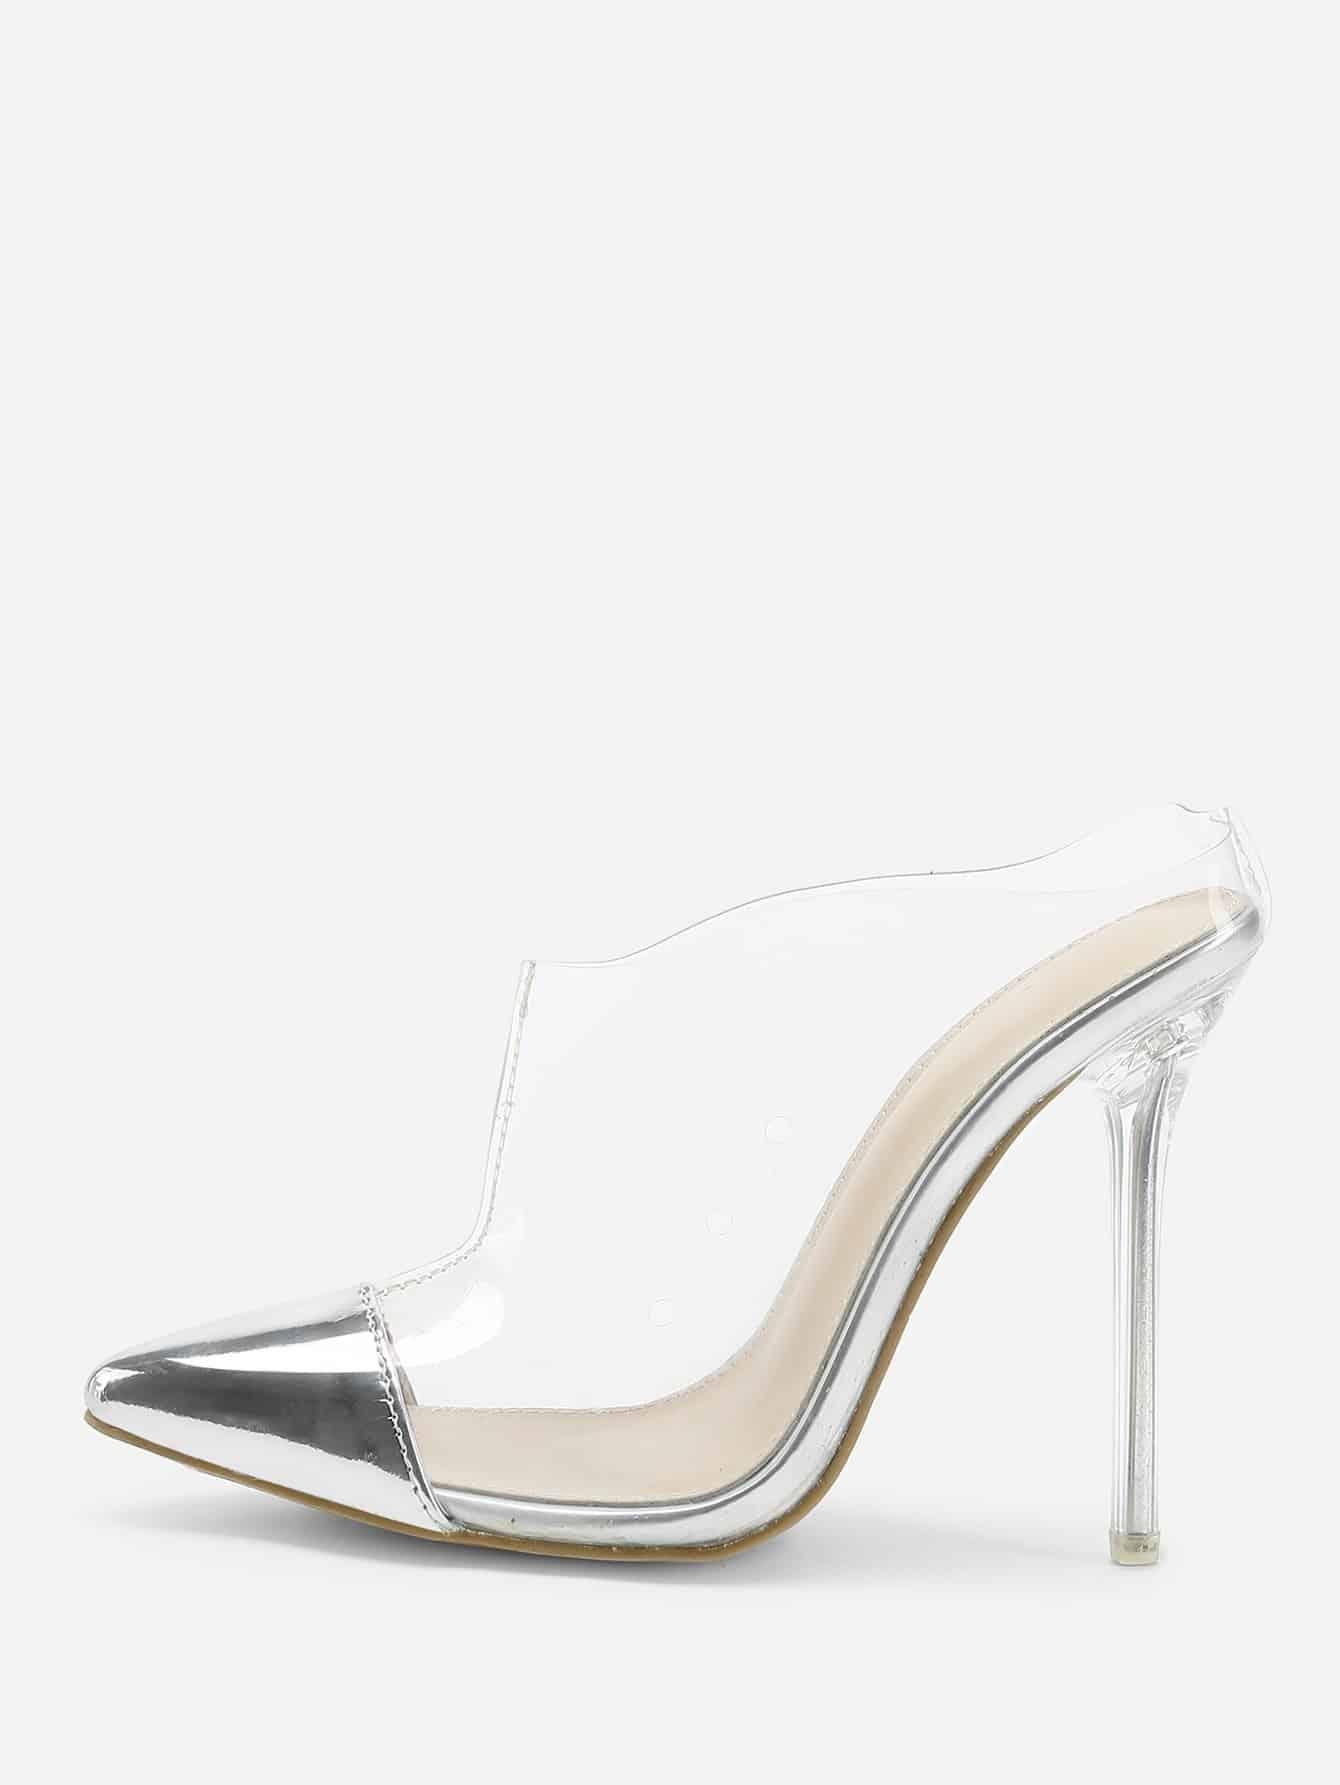 Transparent Cap Toe Stiletto Heels shoes180306805